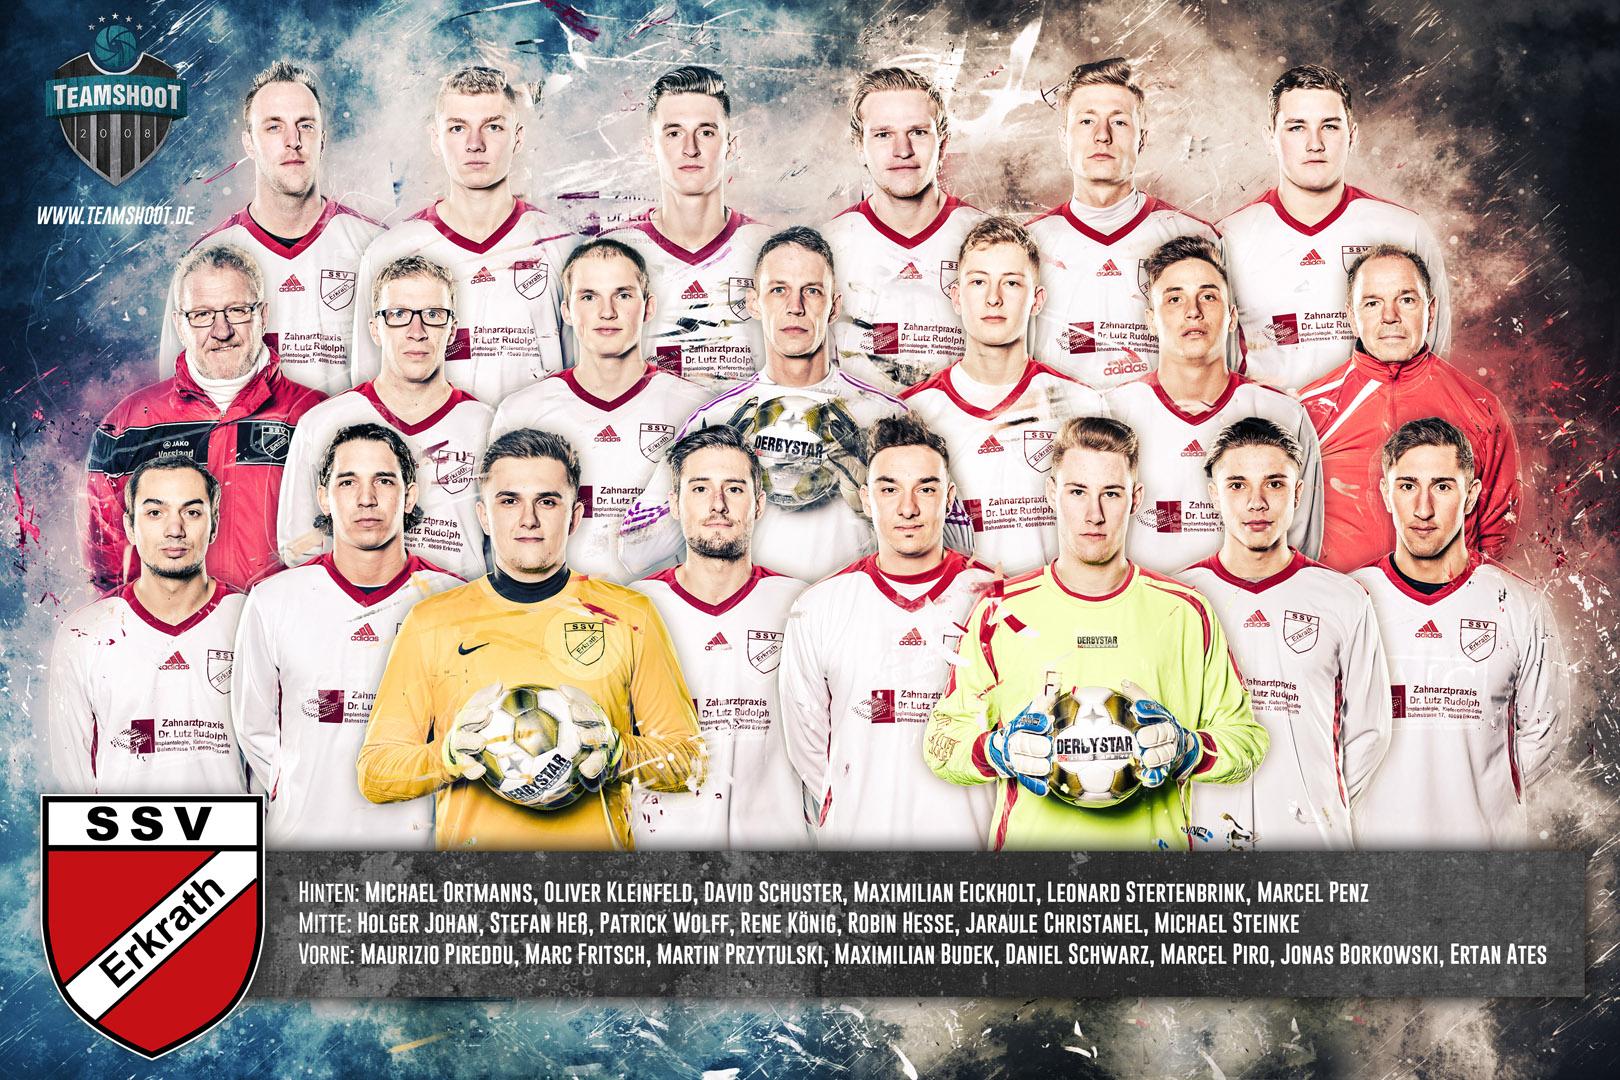 Professionelles Mannschaftsfoto des SSV Erkrath - Fußball Fotograf in Düsseldorf